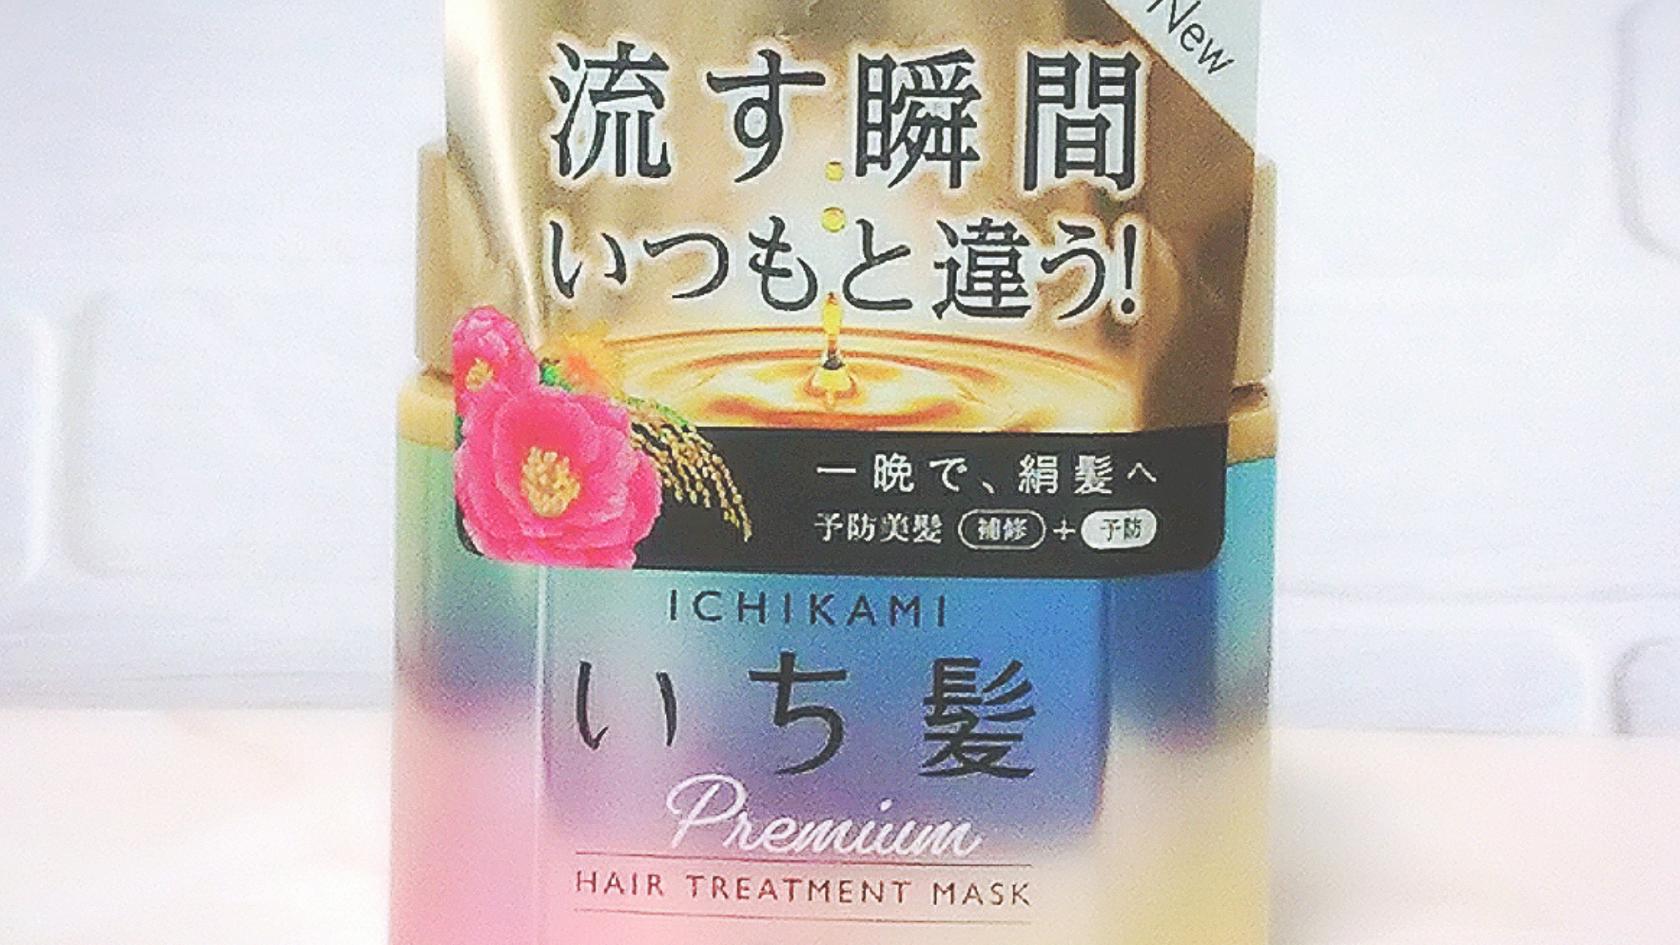 いち髪 インバストリートメント プレミアムラッピングマスク 濃密保湿Wケア 比較 おすすめ 口コミ